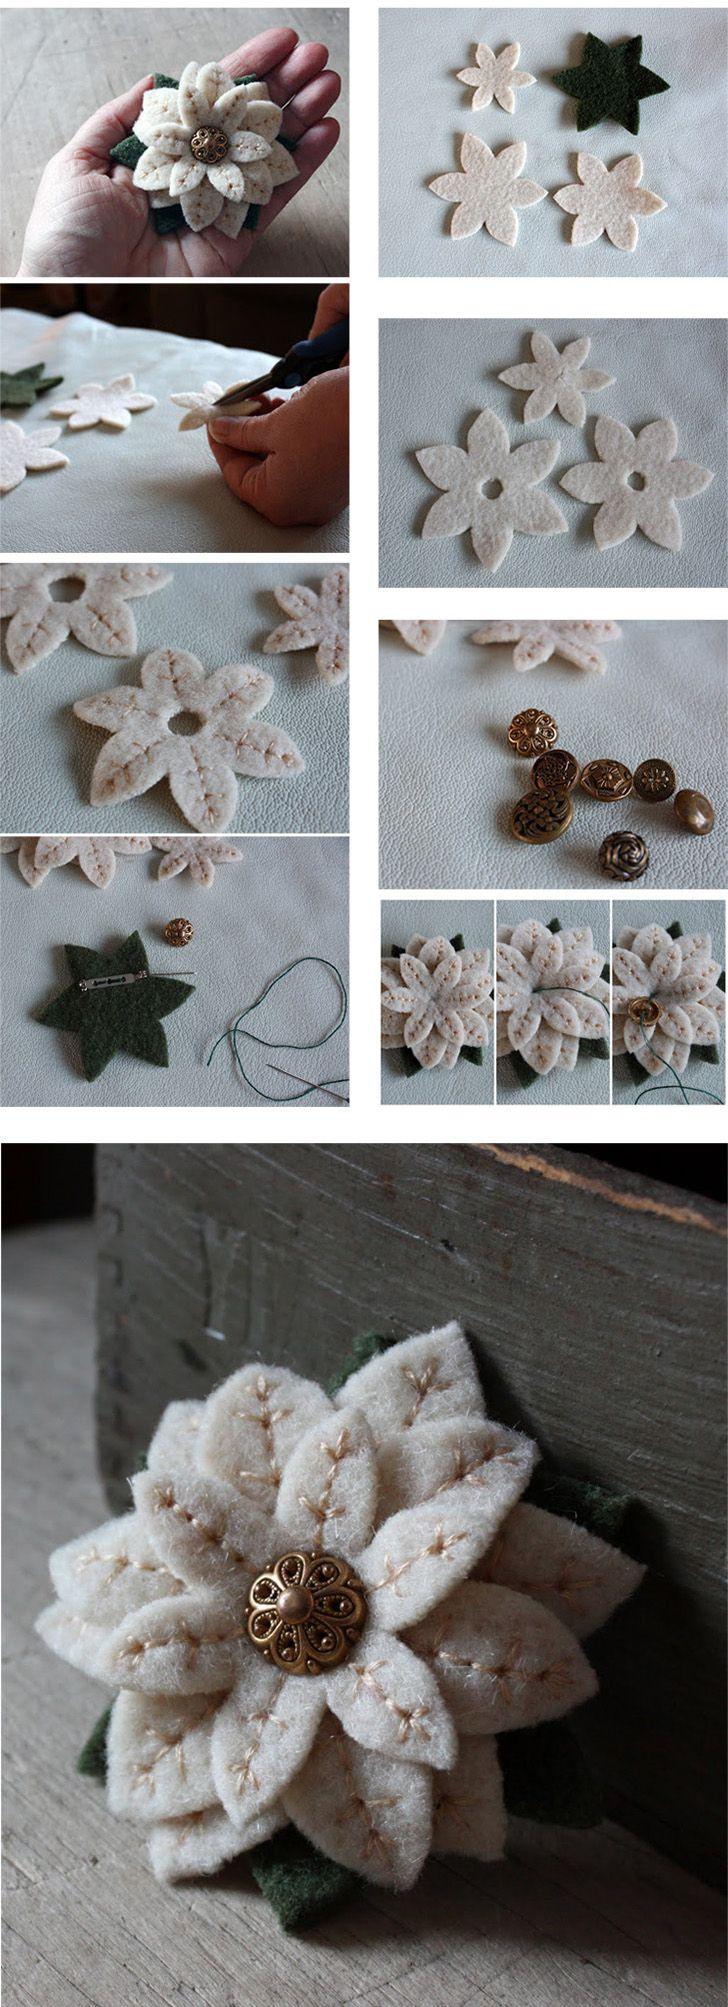 Faça Você Mesmo um lindo broche com flor de feltro! Note como ficou linda a flor com o detalhe da costura.